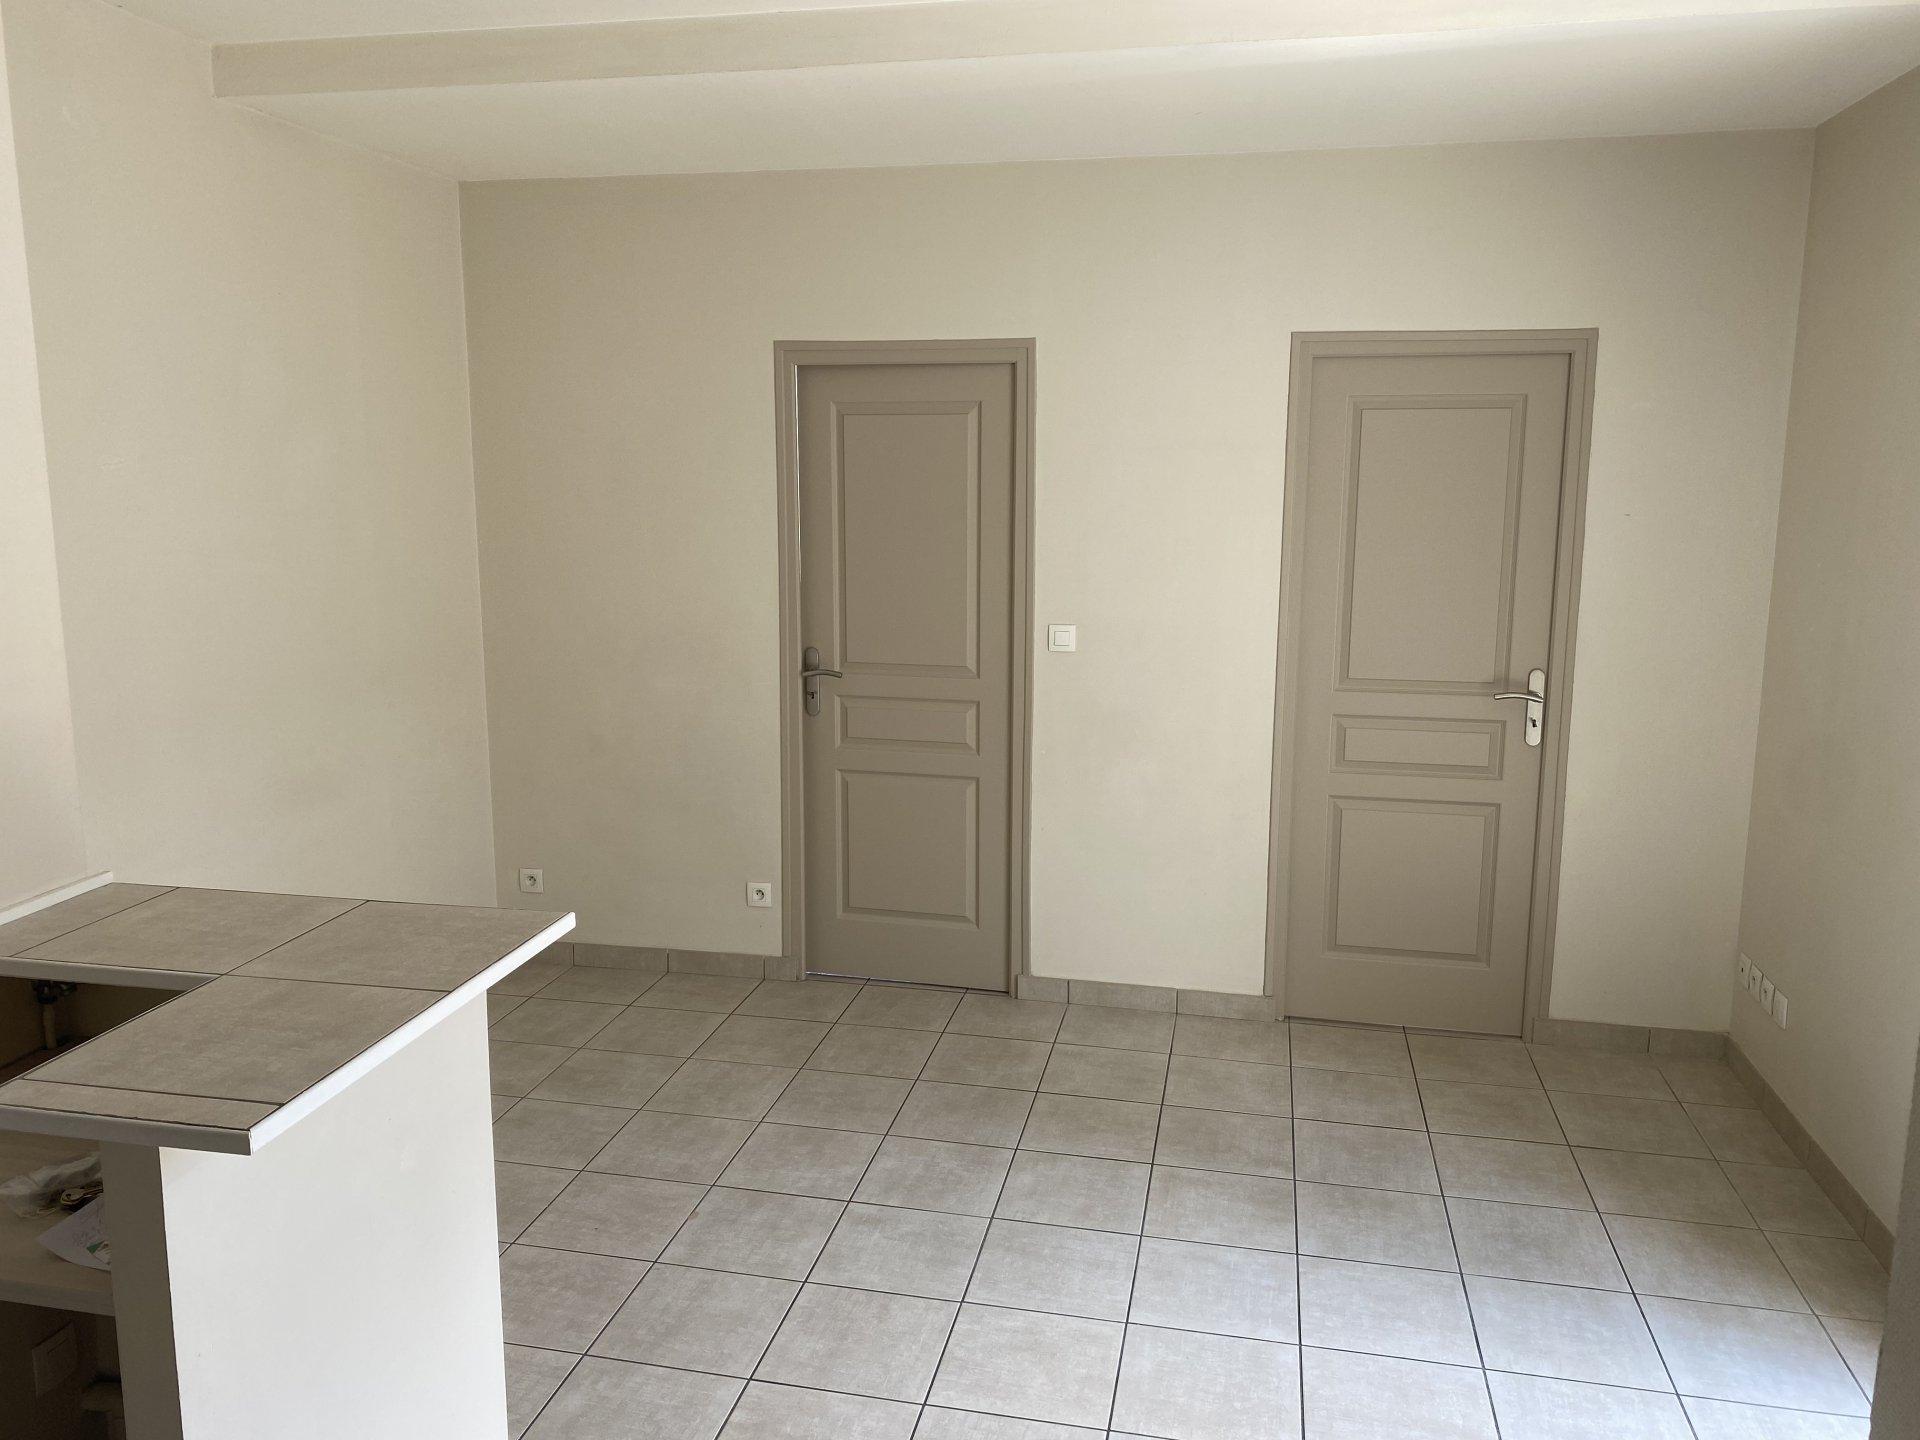 VIENNE NORD, Appartement T3 de 46.72m² avec balcon et cave